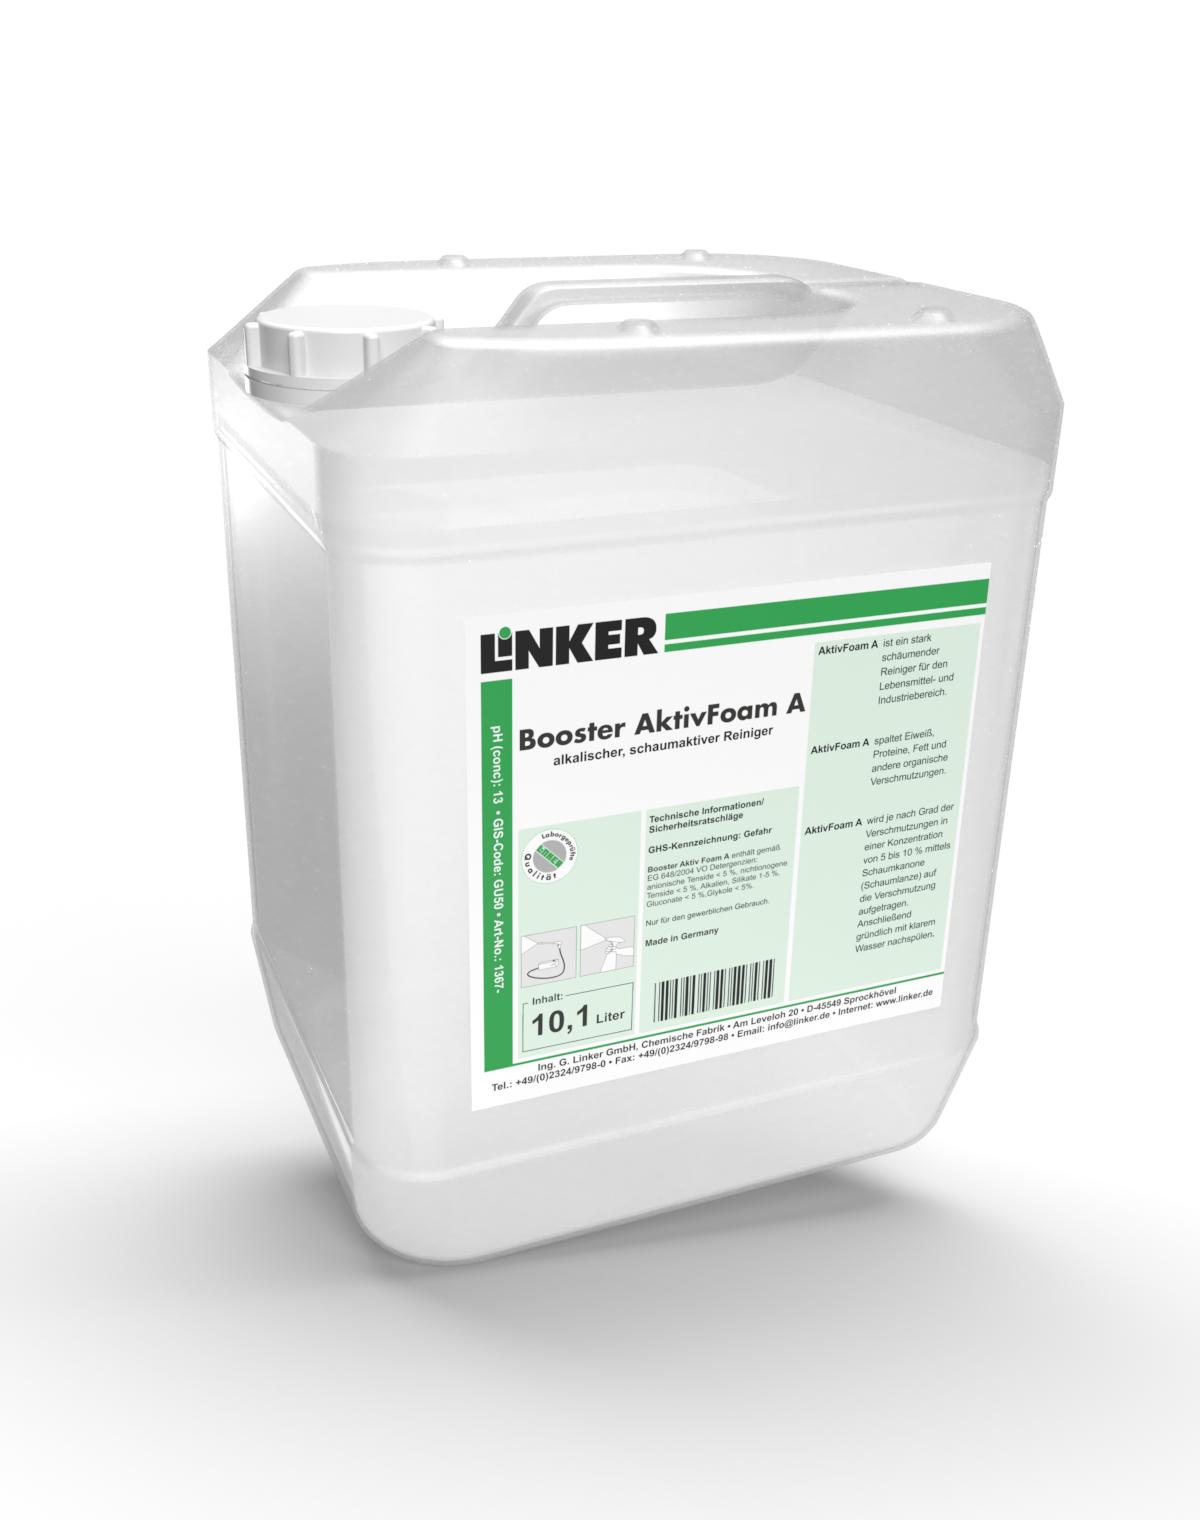 Booster AktivFoam A_Linker Chemie-Group, Großküchenreinigung, Entfettungsmittel